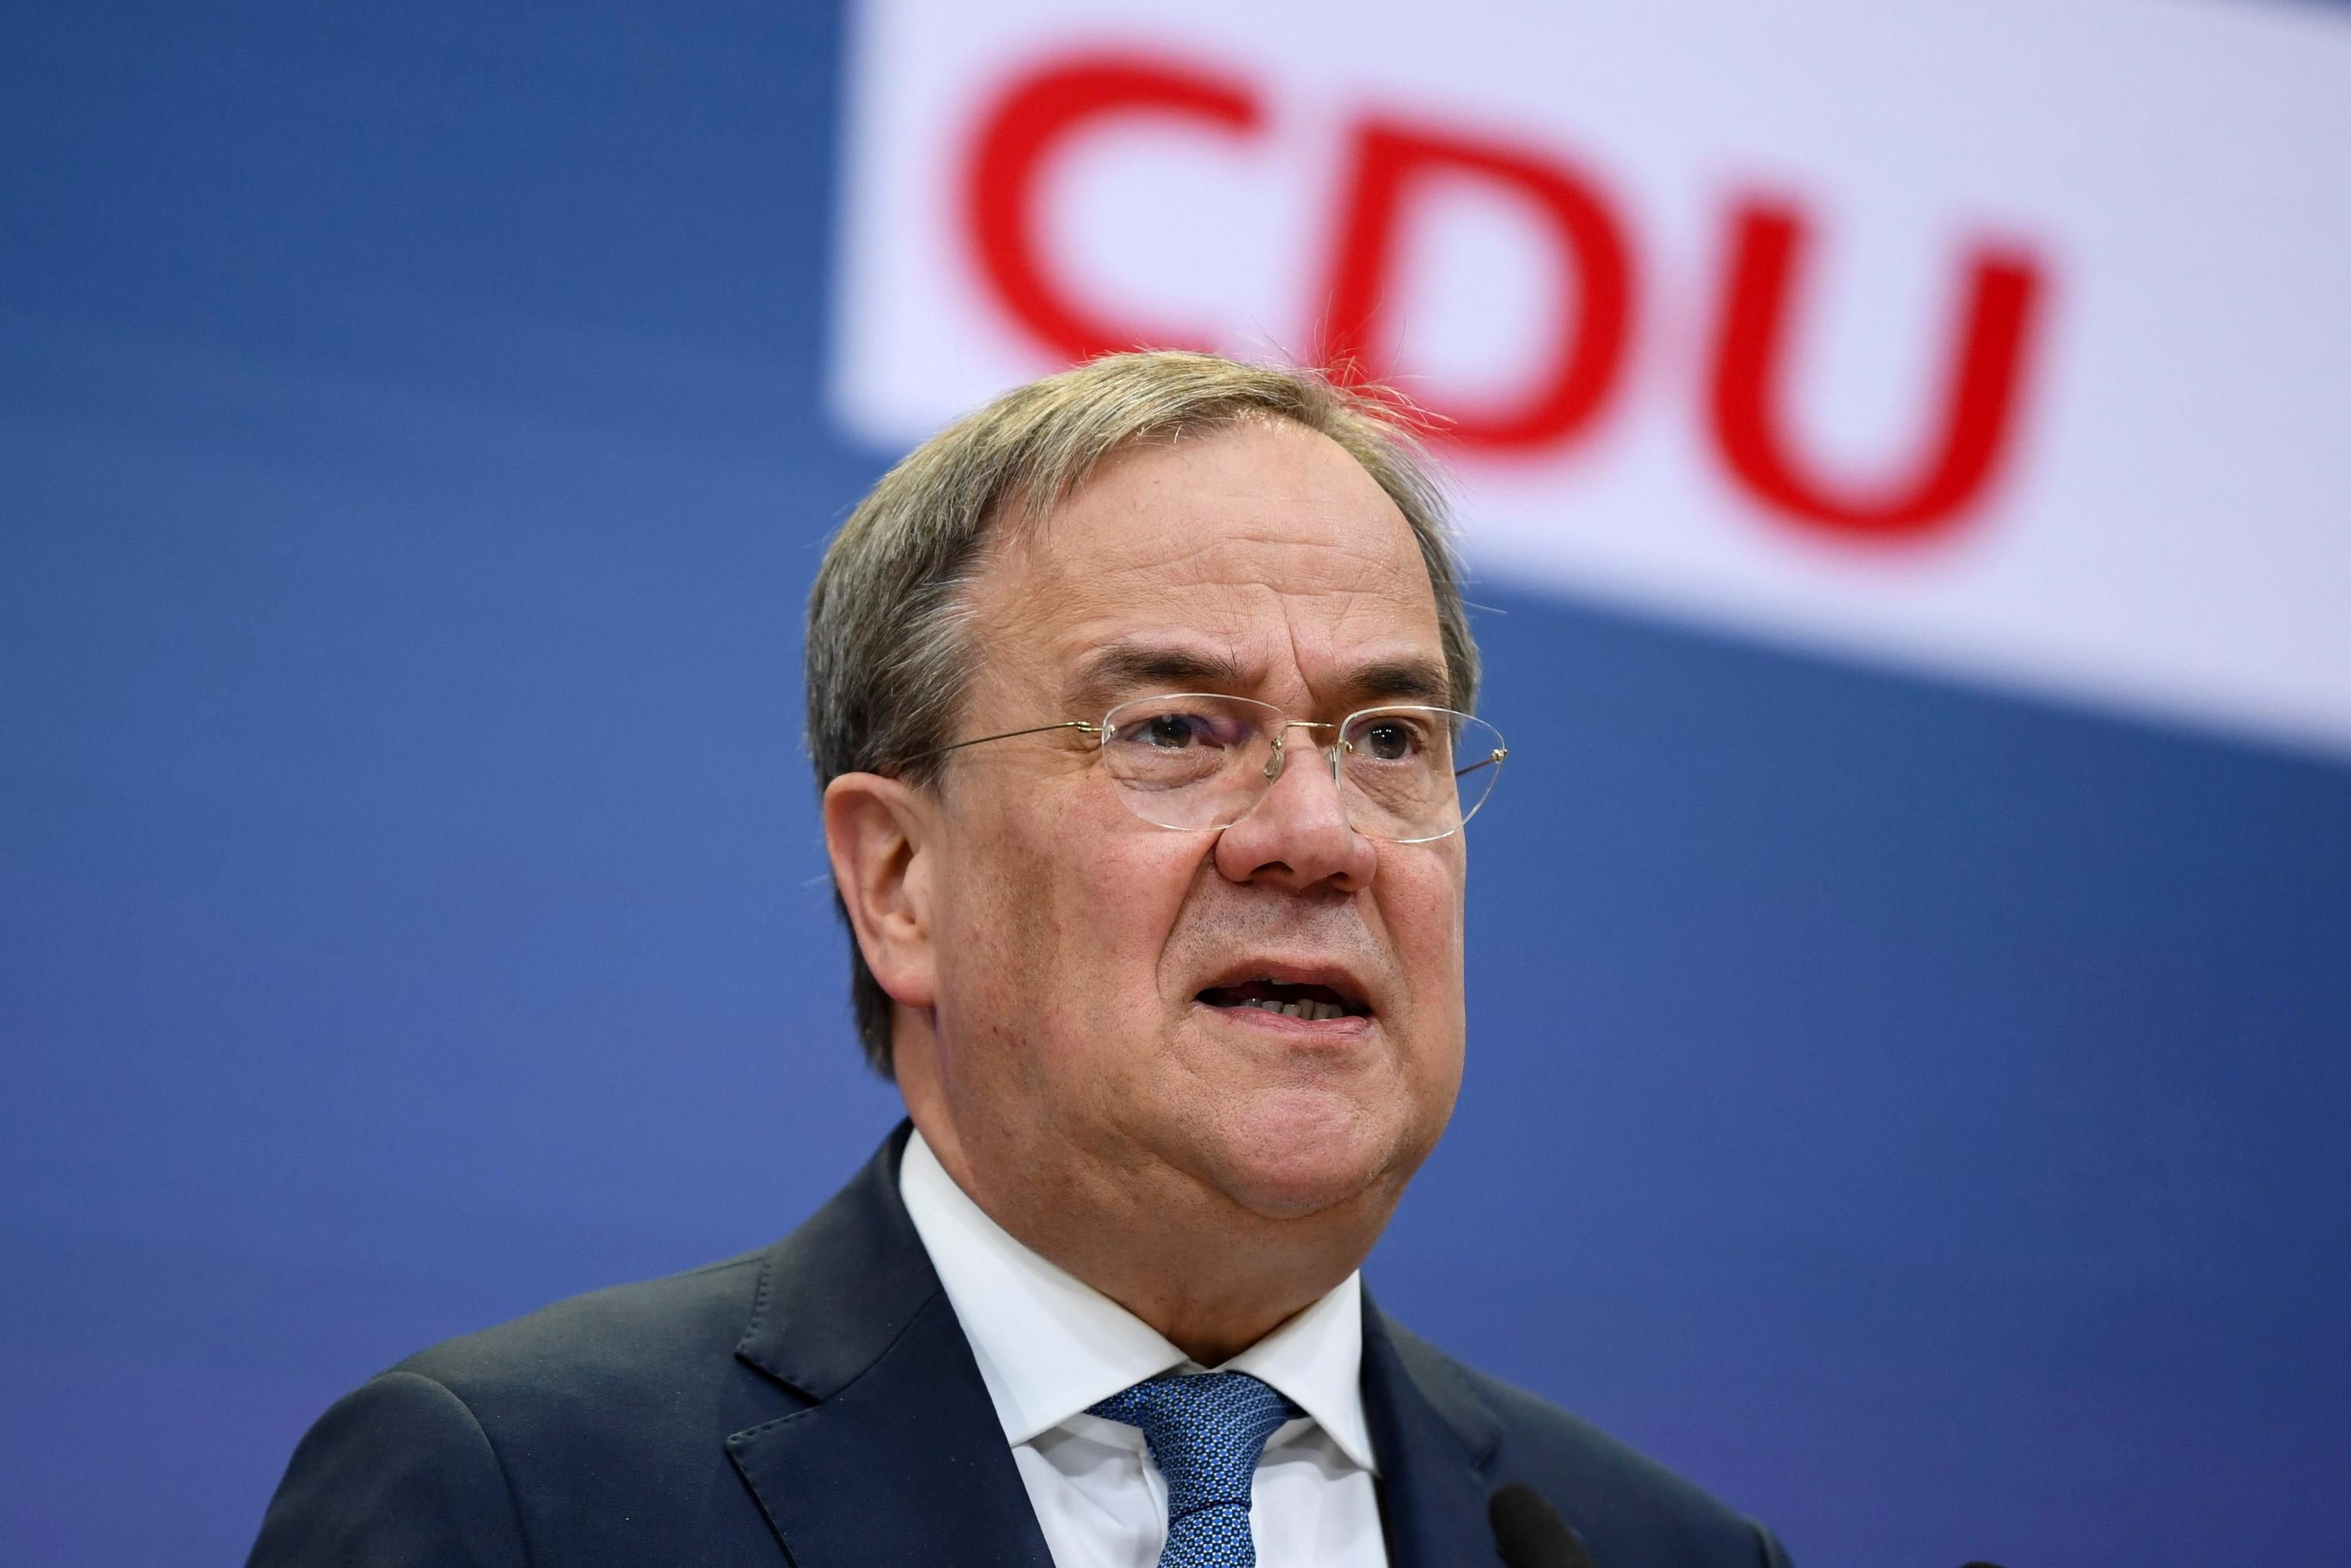 El candidato de la CDU a la Cancillería alemana, Armin Laschet.